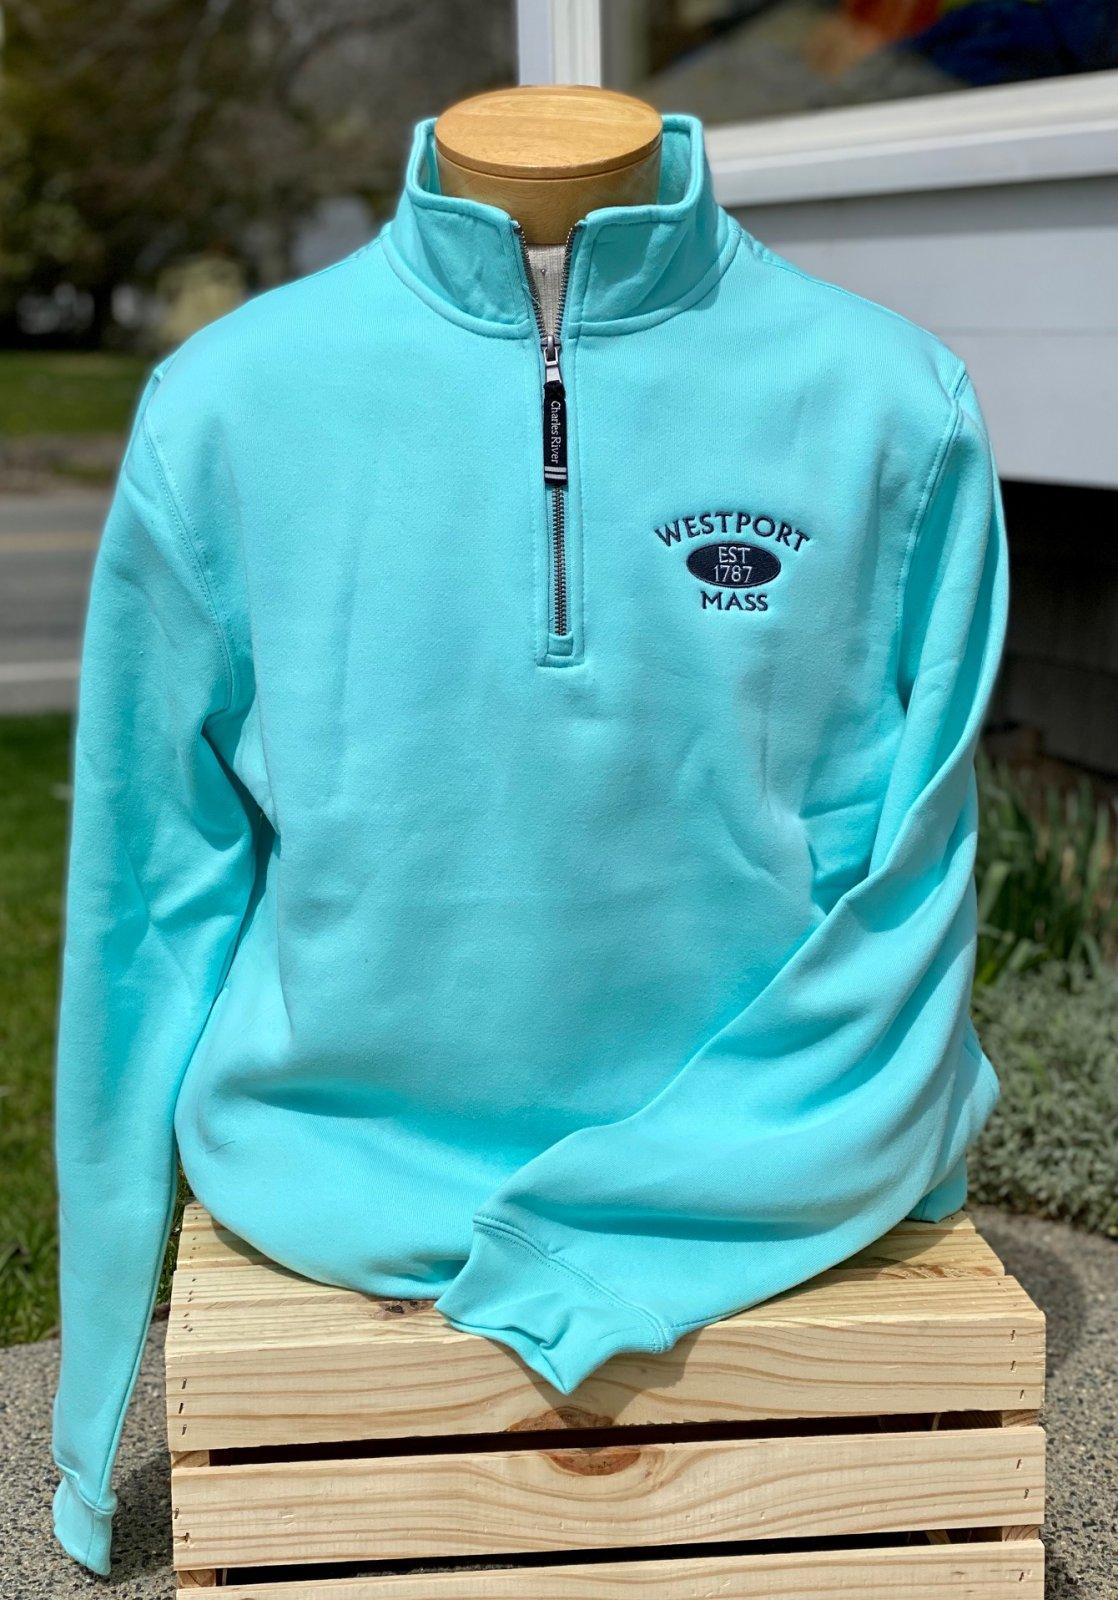 Embroidered Westport MA 1/4 Zip Sweatshirt in Aqua